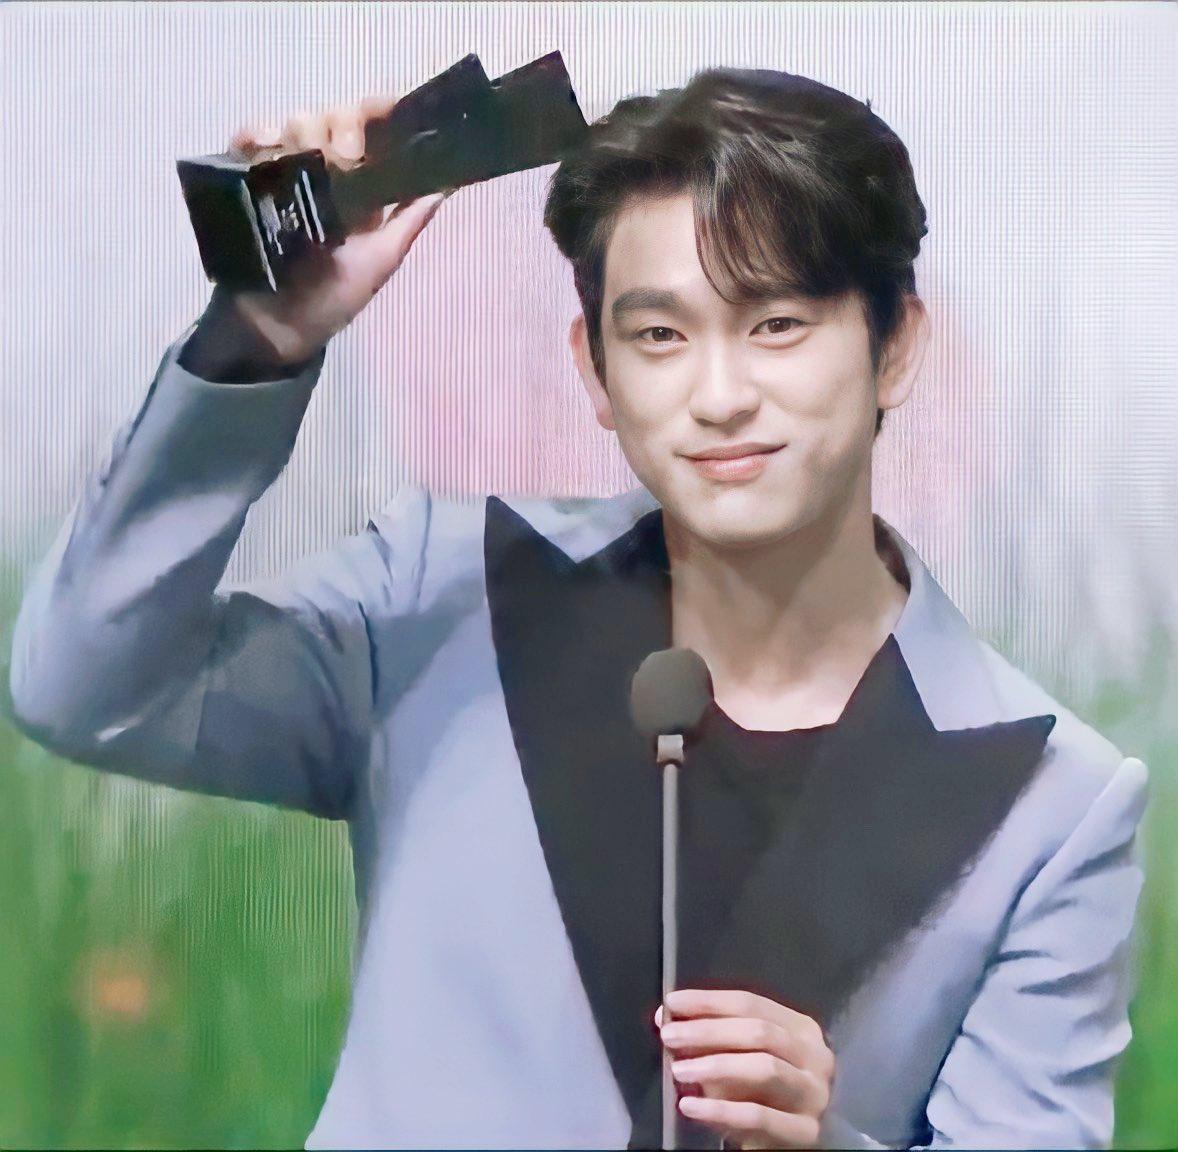 RT @thaneeratt1997: Congrats actor Jinyoung  #박진영_남자배우인기상_축하해 #AAA_PopularActorJinyoung  #GOT7 @GOT7Official...